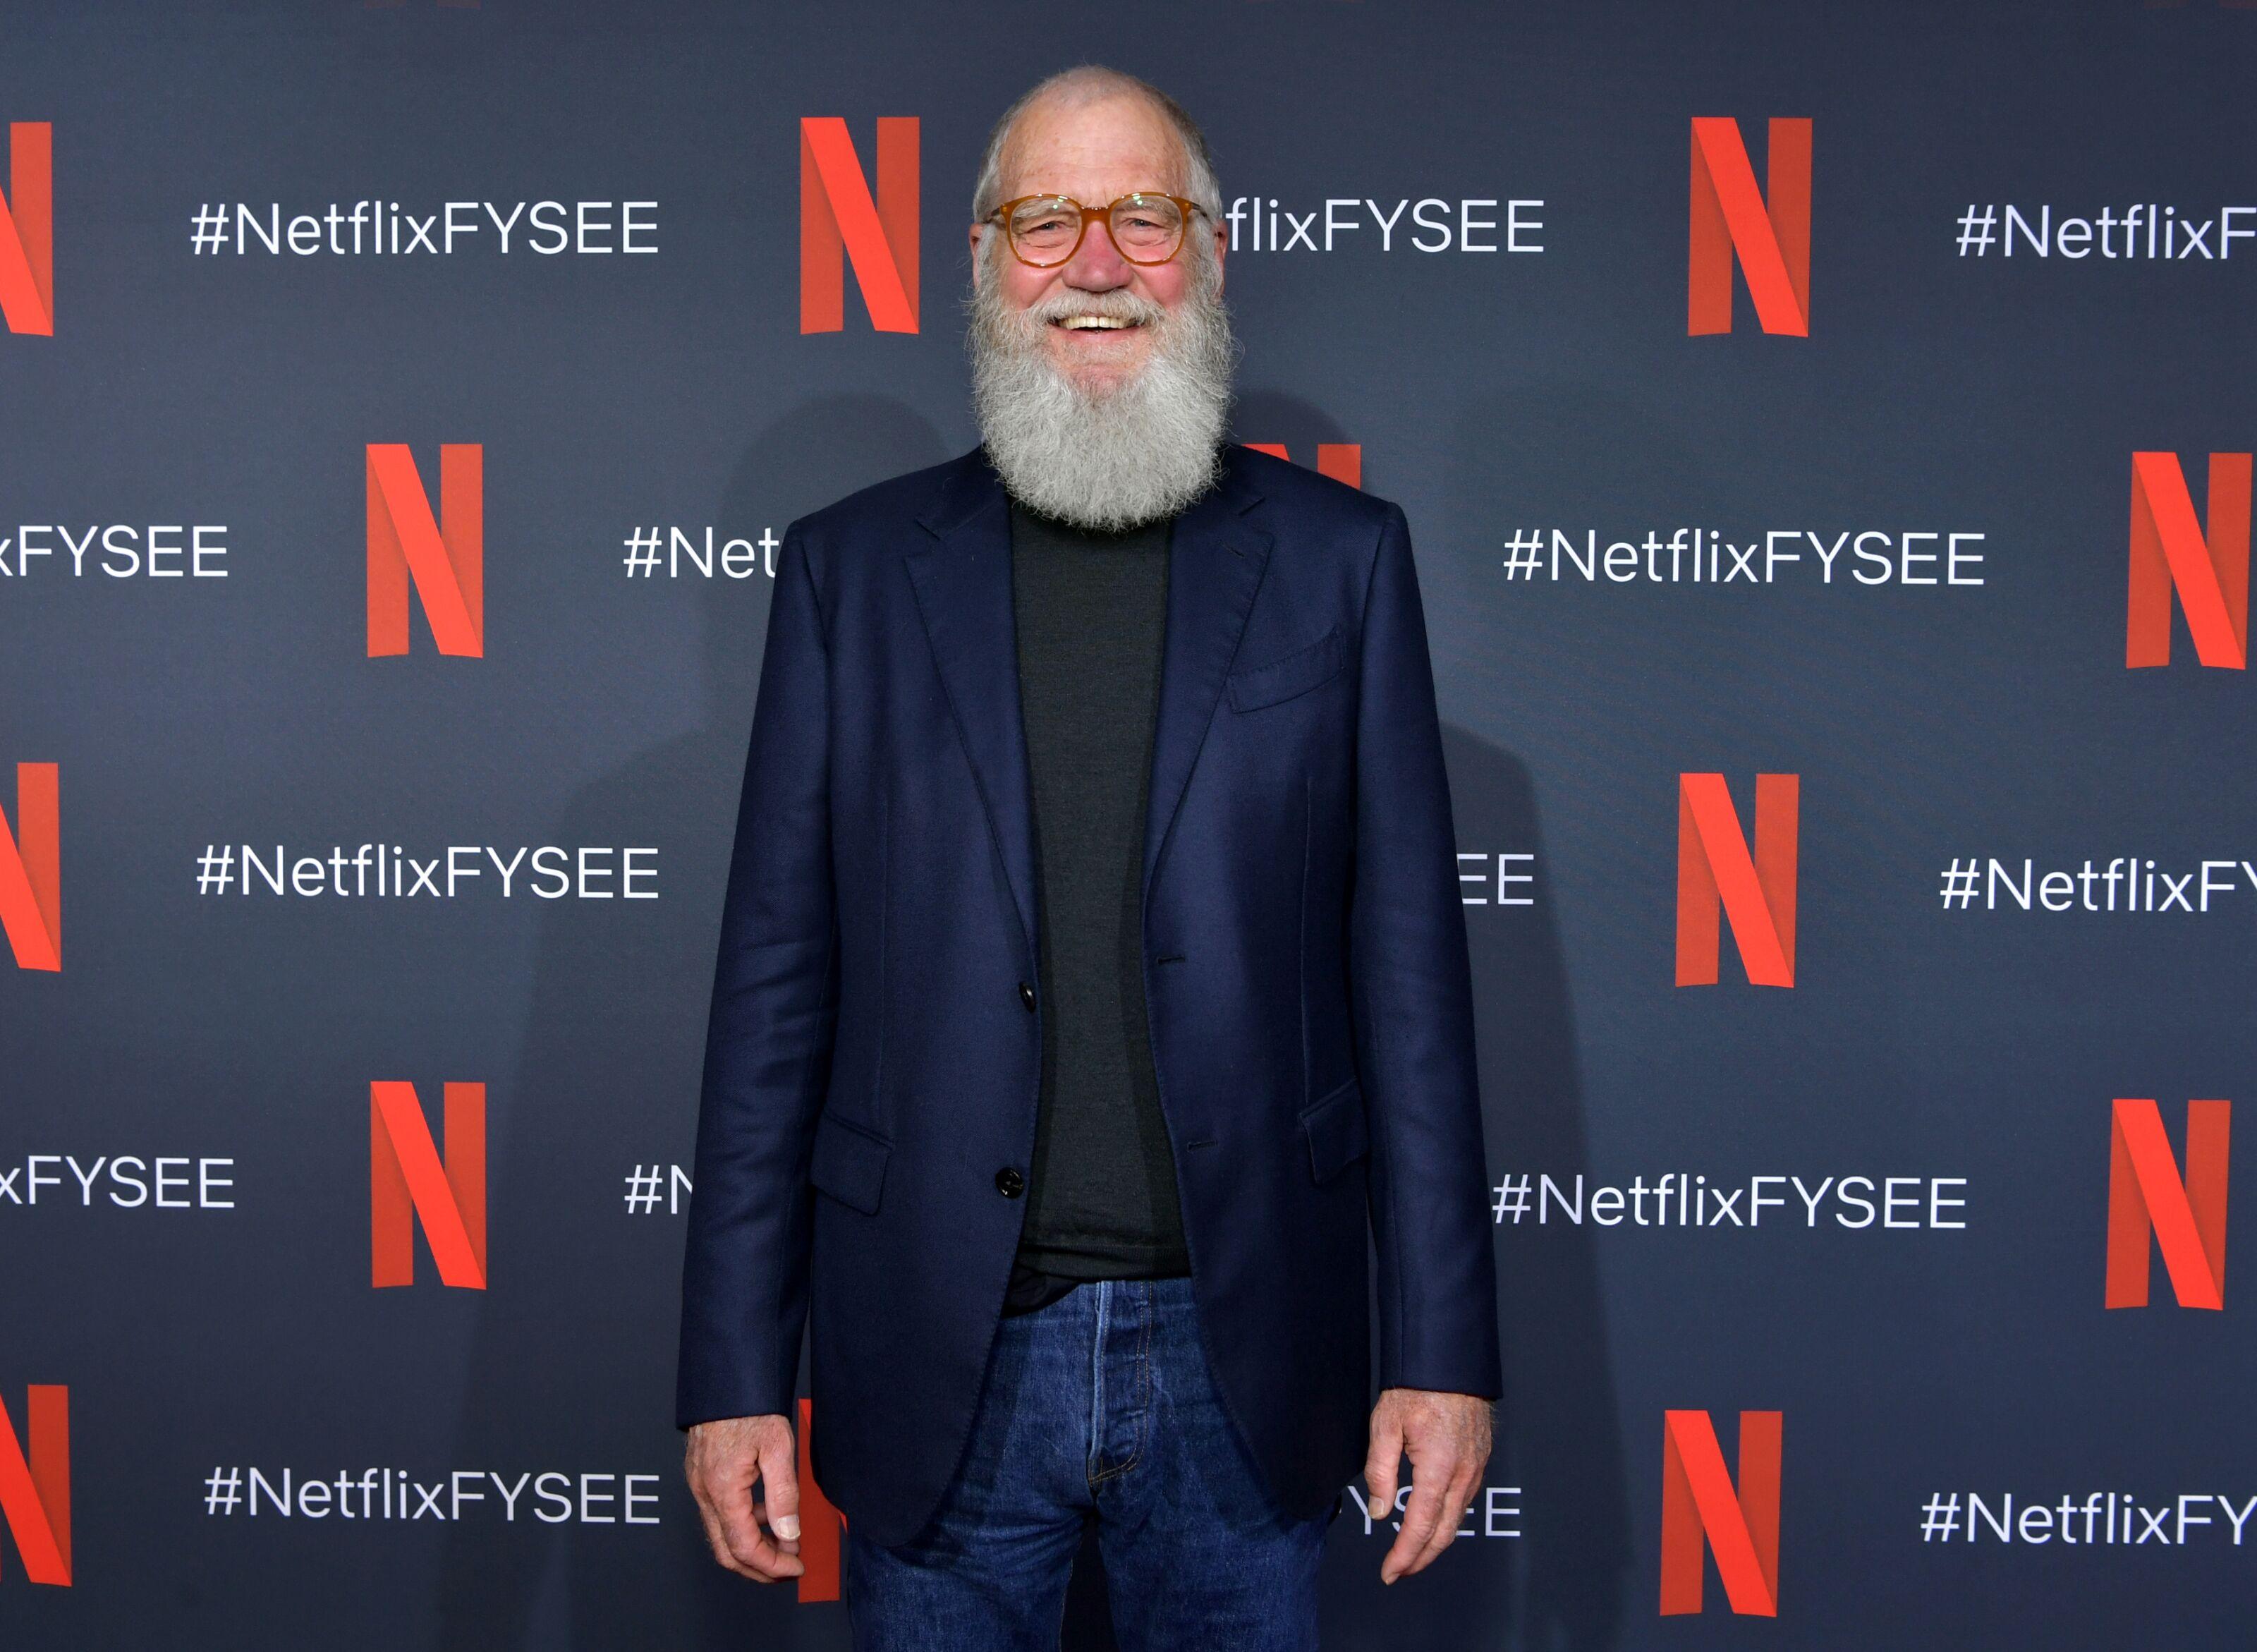 David Letterman and Conan O'Brien give a comedy history lesson